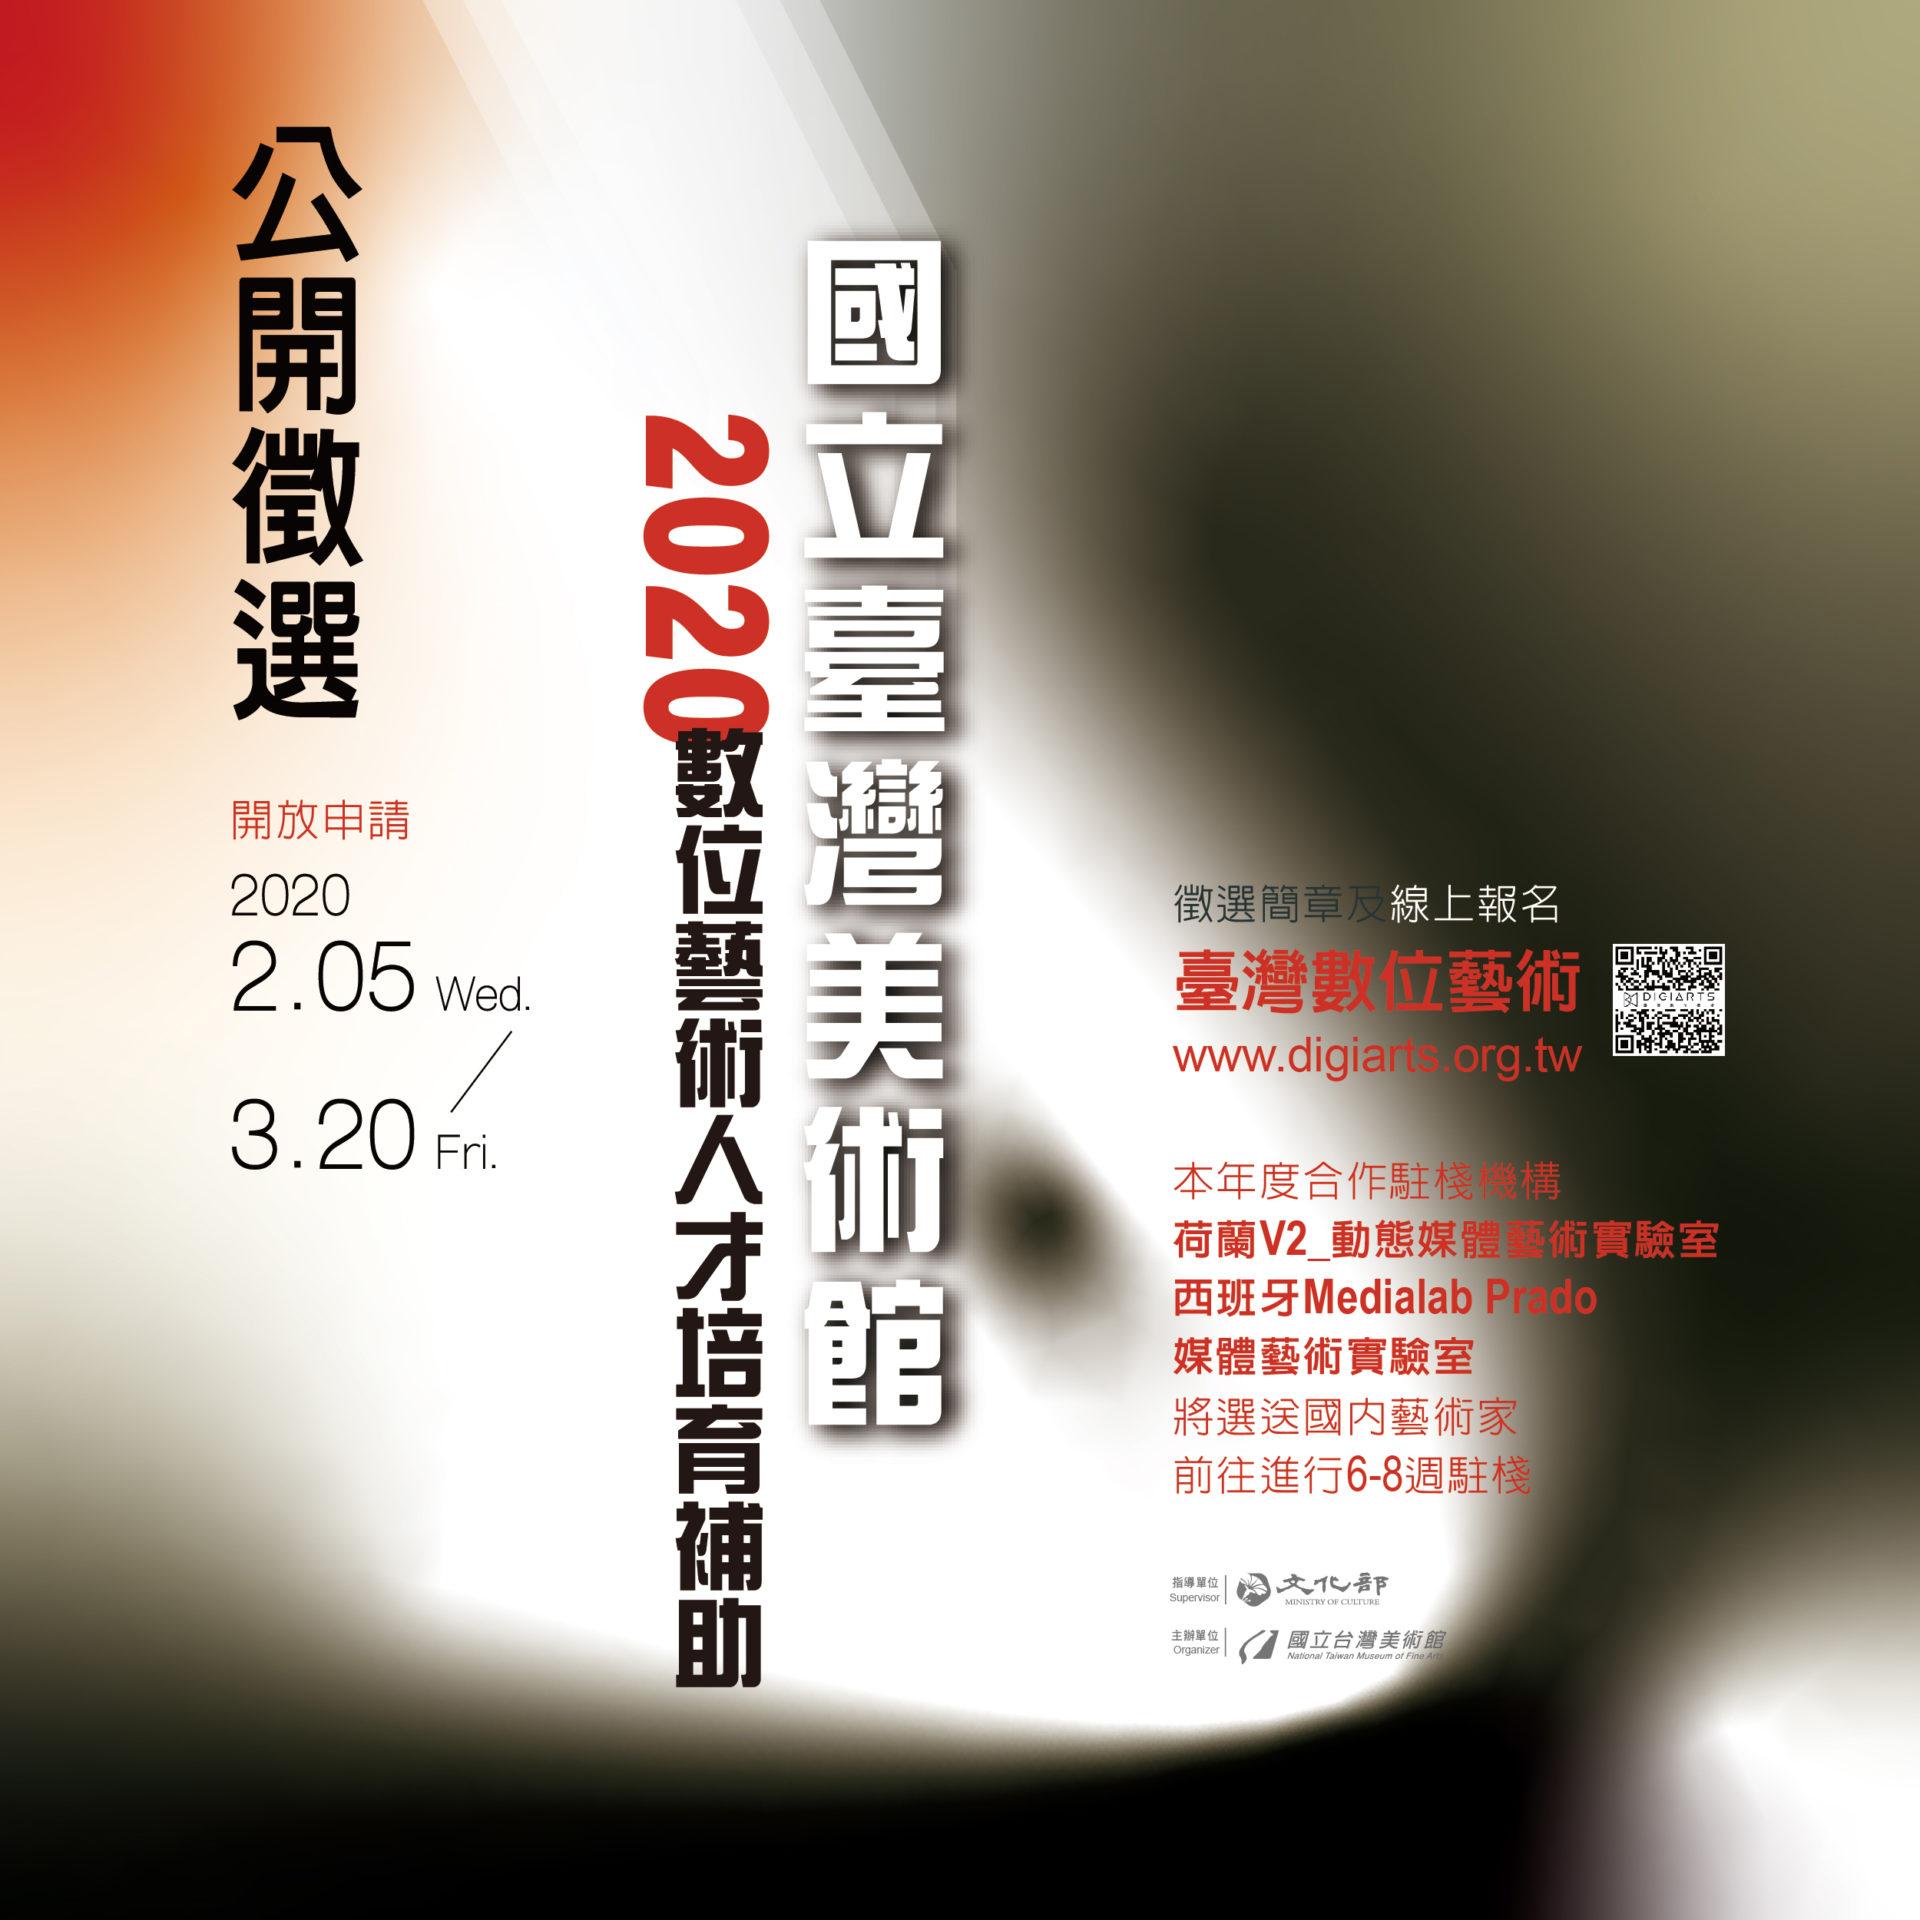 國立臺灣美術館:徵件日期2020/02/10-03/20【「2020年數位藝術人才國外駐棧創作」徵件開始】